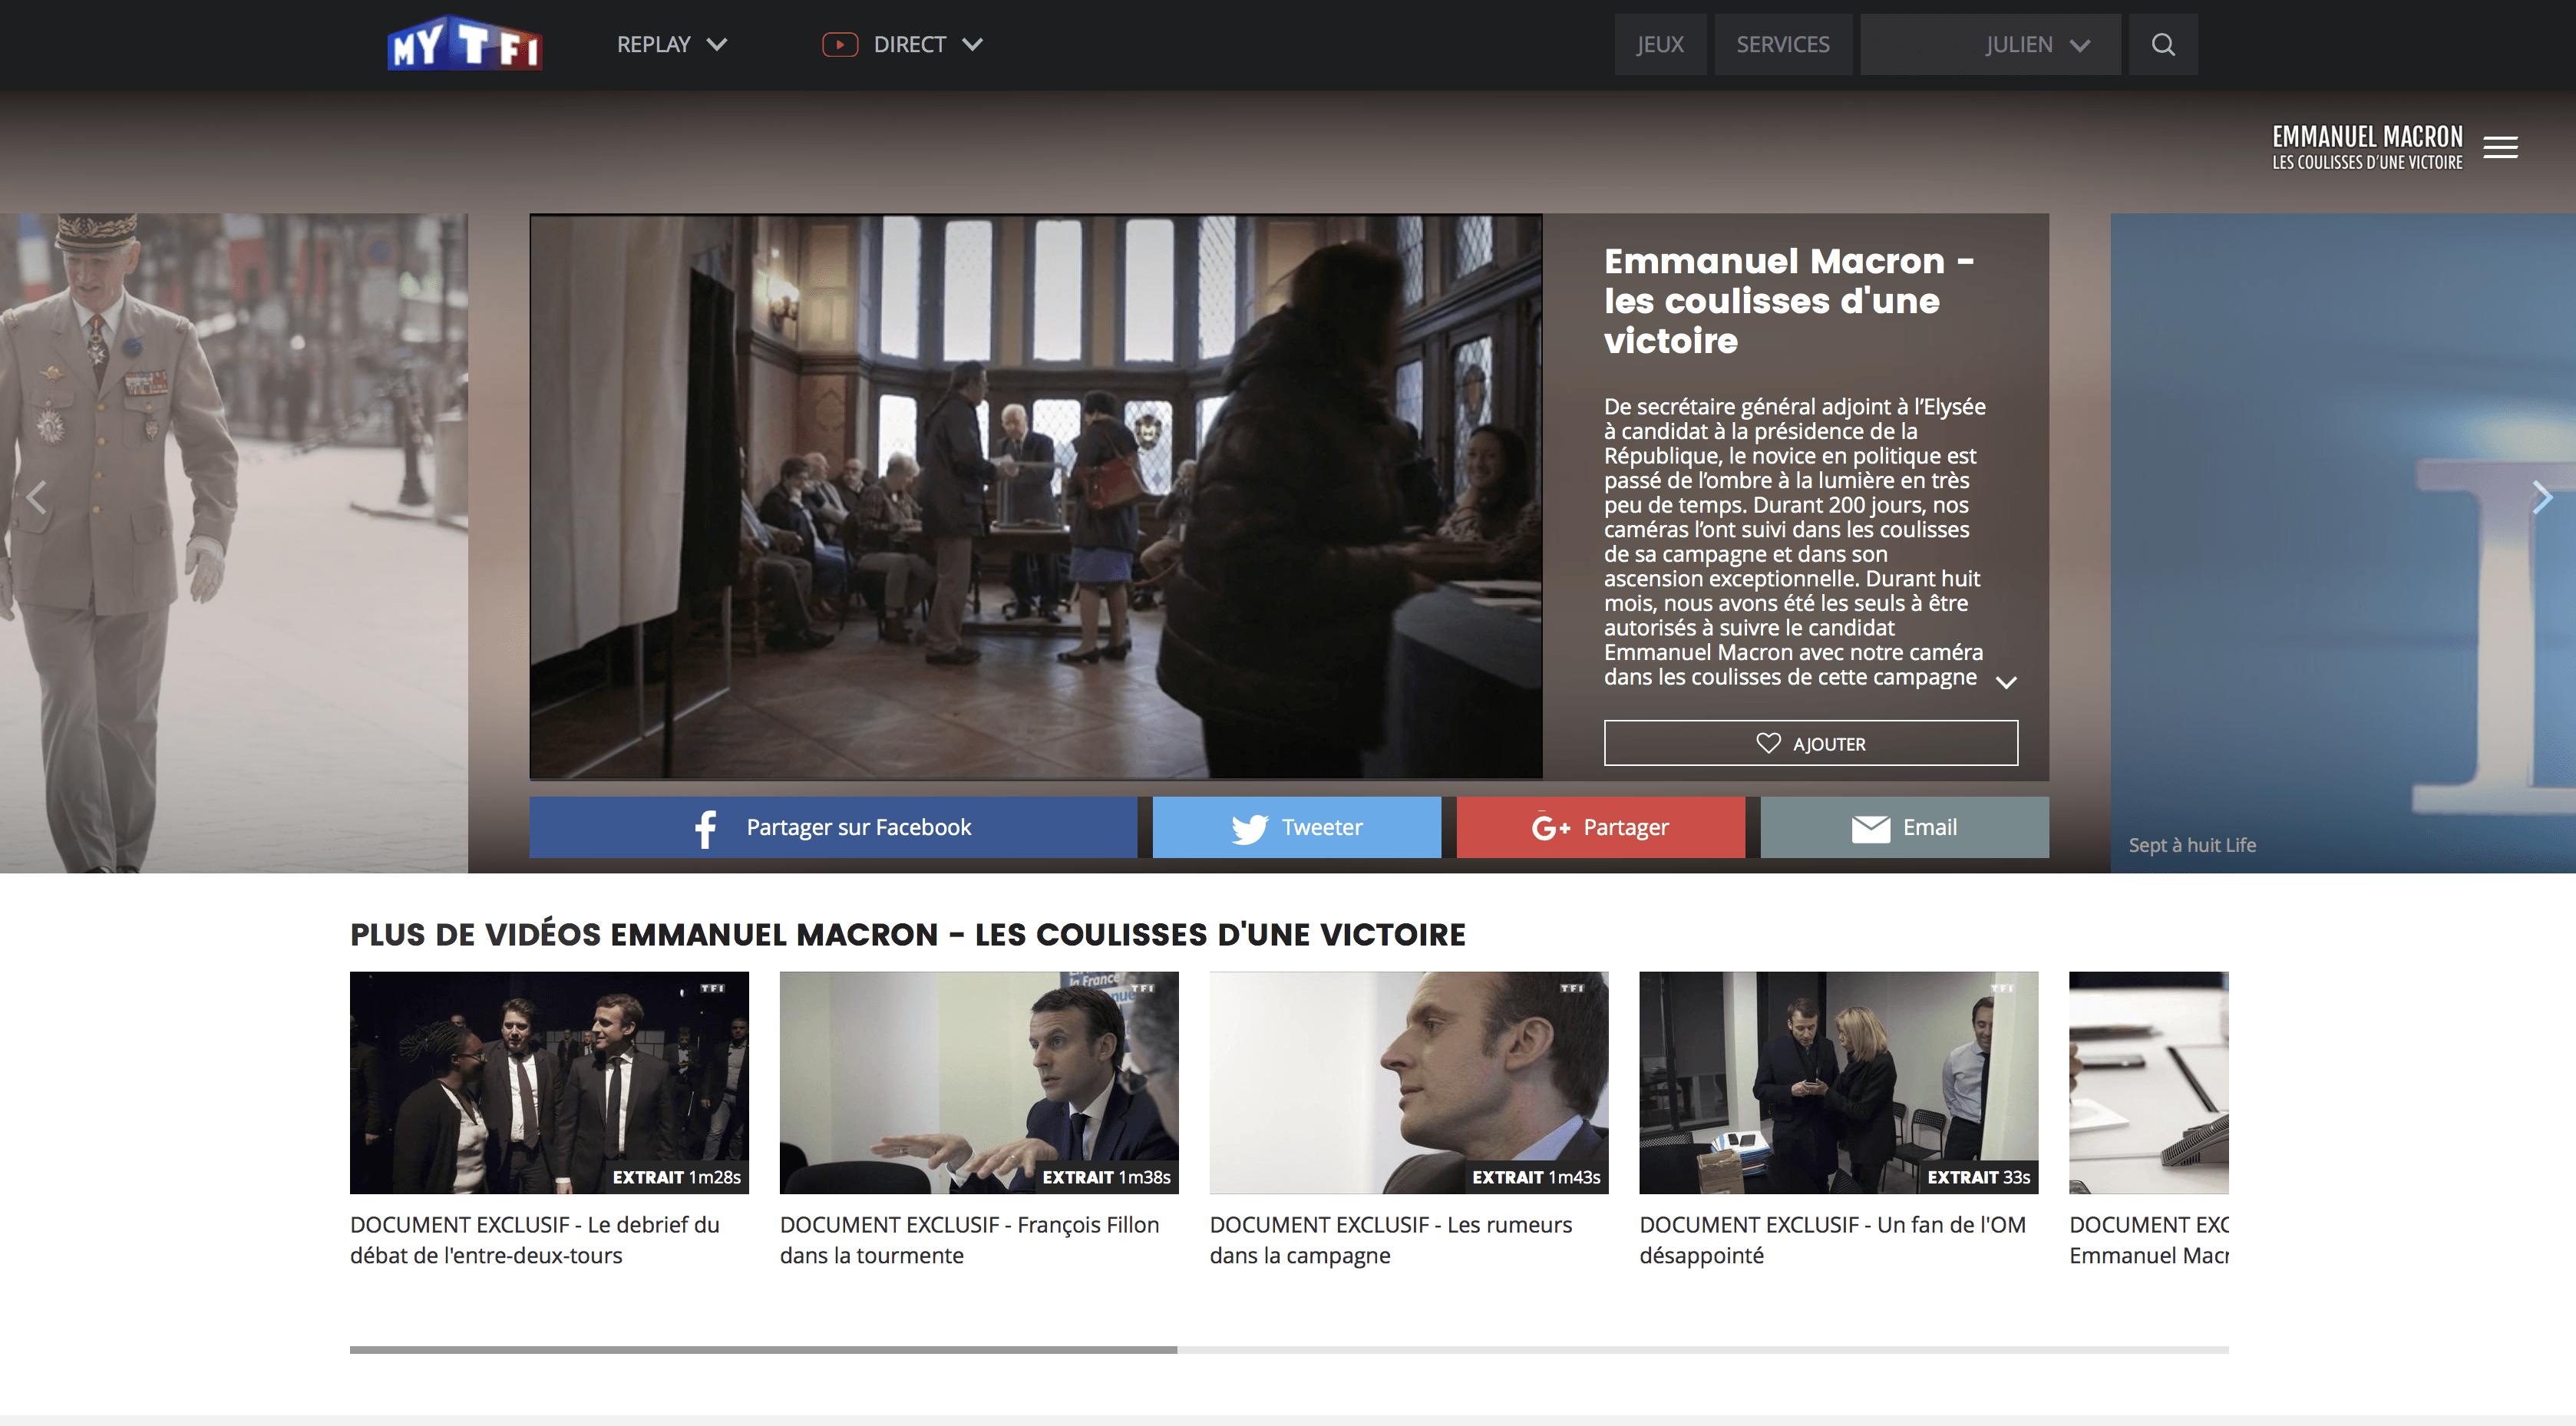 Netflix S Offre La Diffusion Du Documentaire Sur Emmanuel Macron